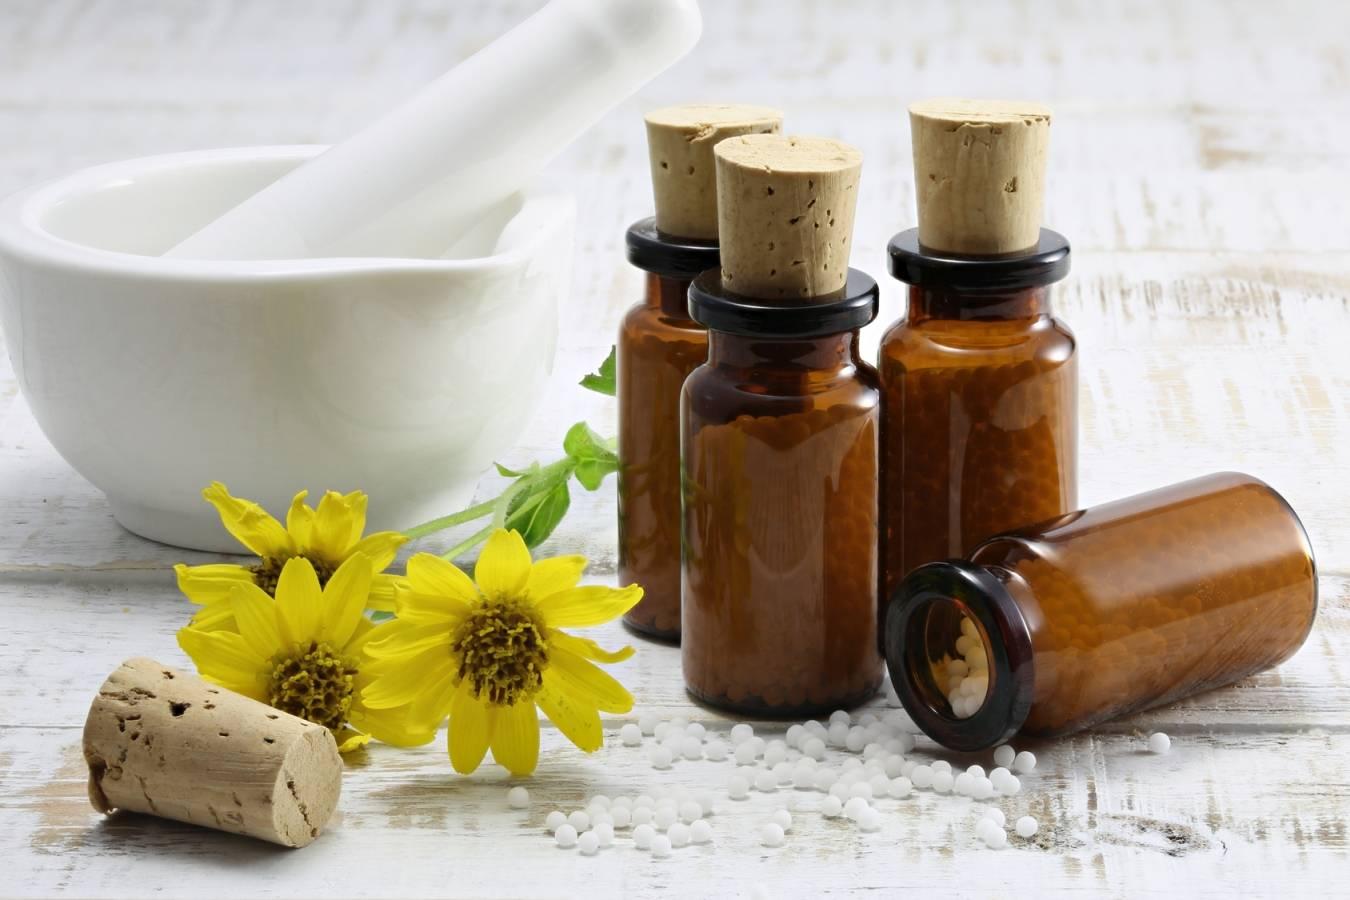 Arnica montana w formie leków homeopatycznych.